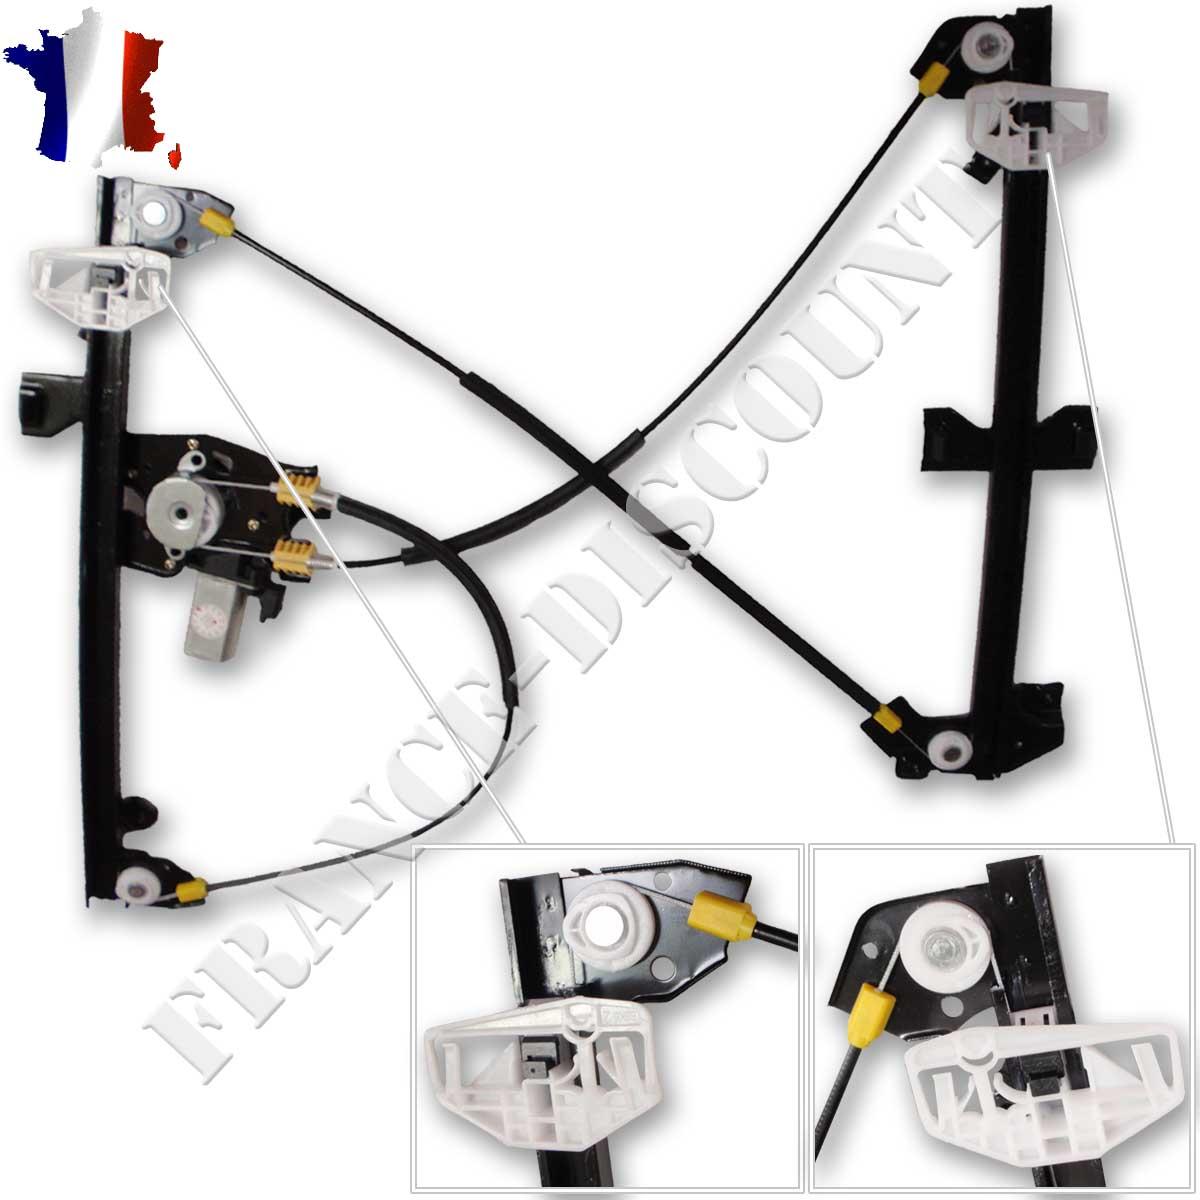 mecanisme leve vitre electrique avant droit neuf peugeot partner avec moteur ebay. Black Bedroom Furniture Sets. Home Design Ideas